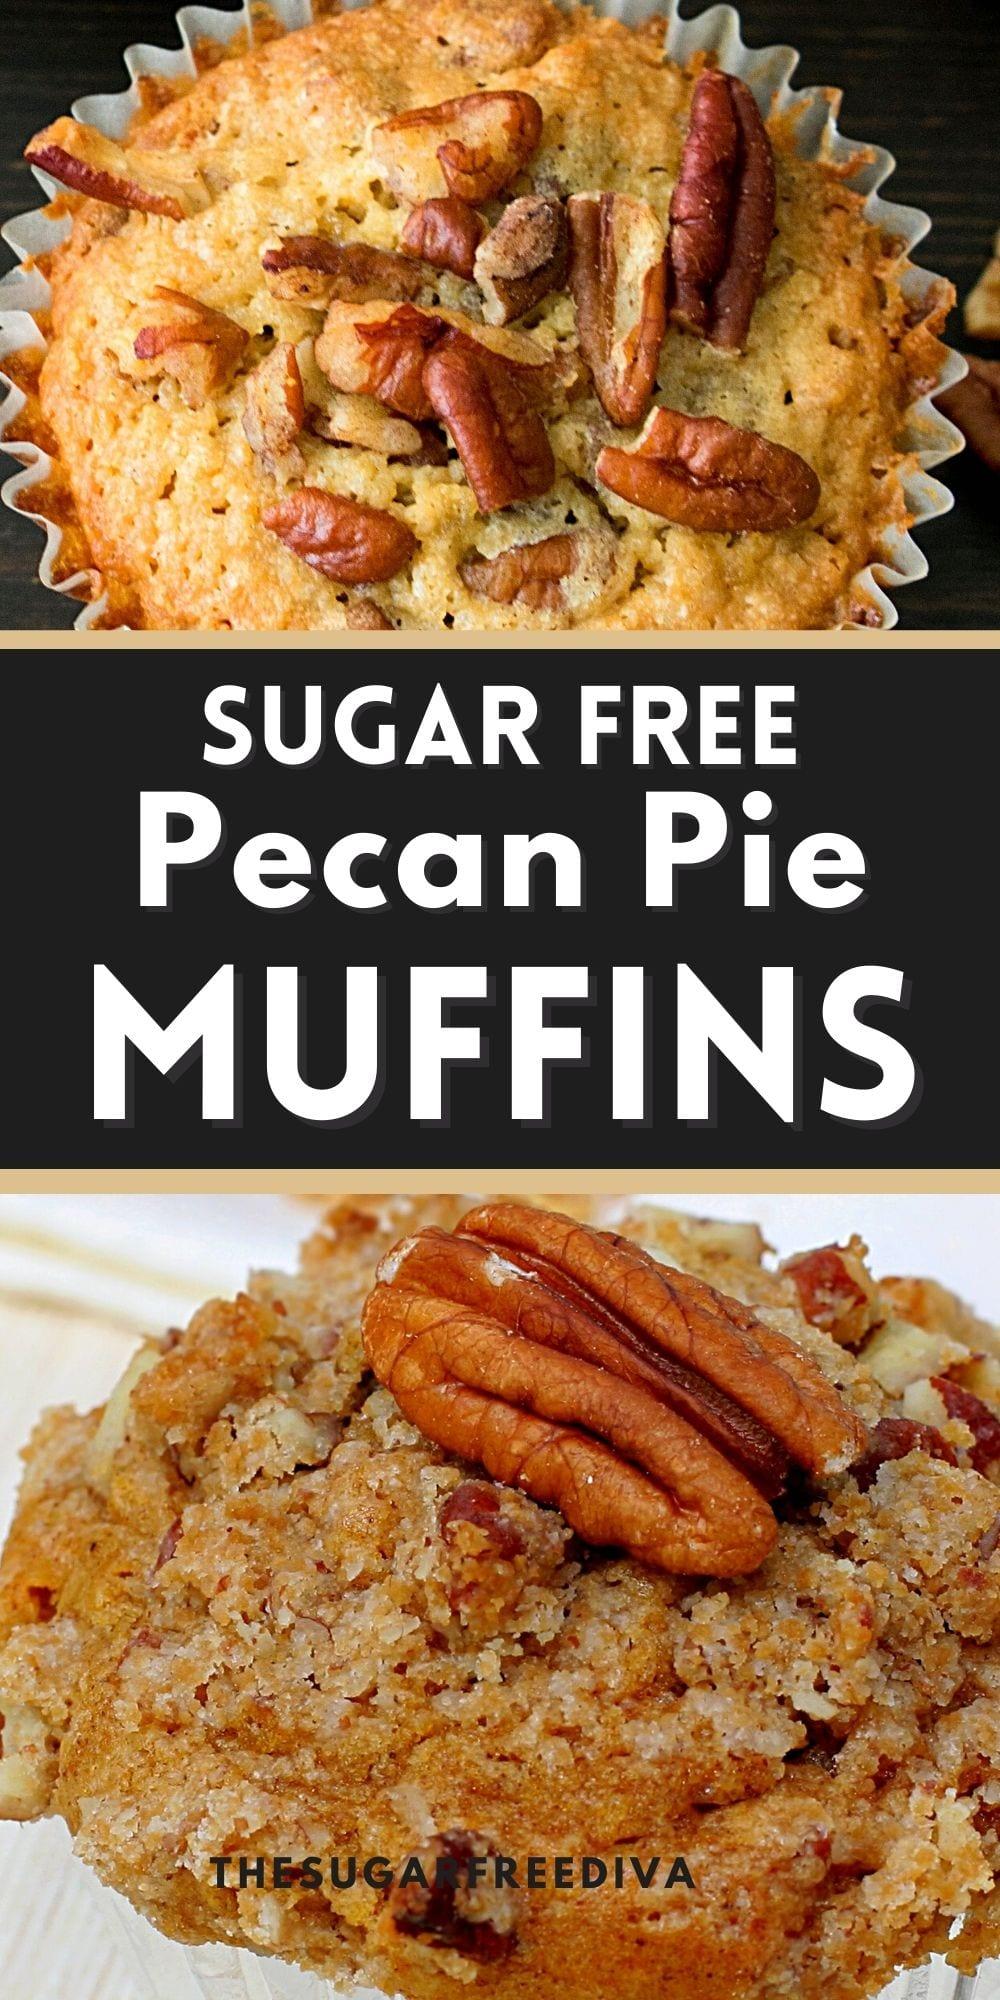 Sugar Free Pecan Pie Muffins